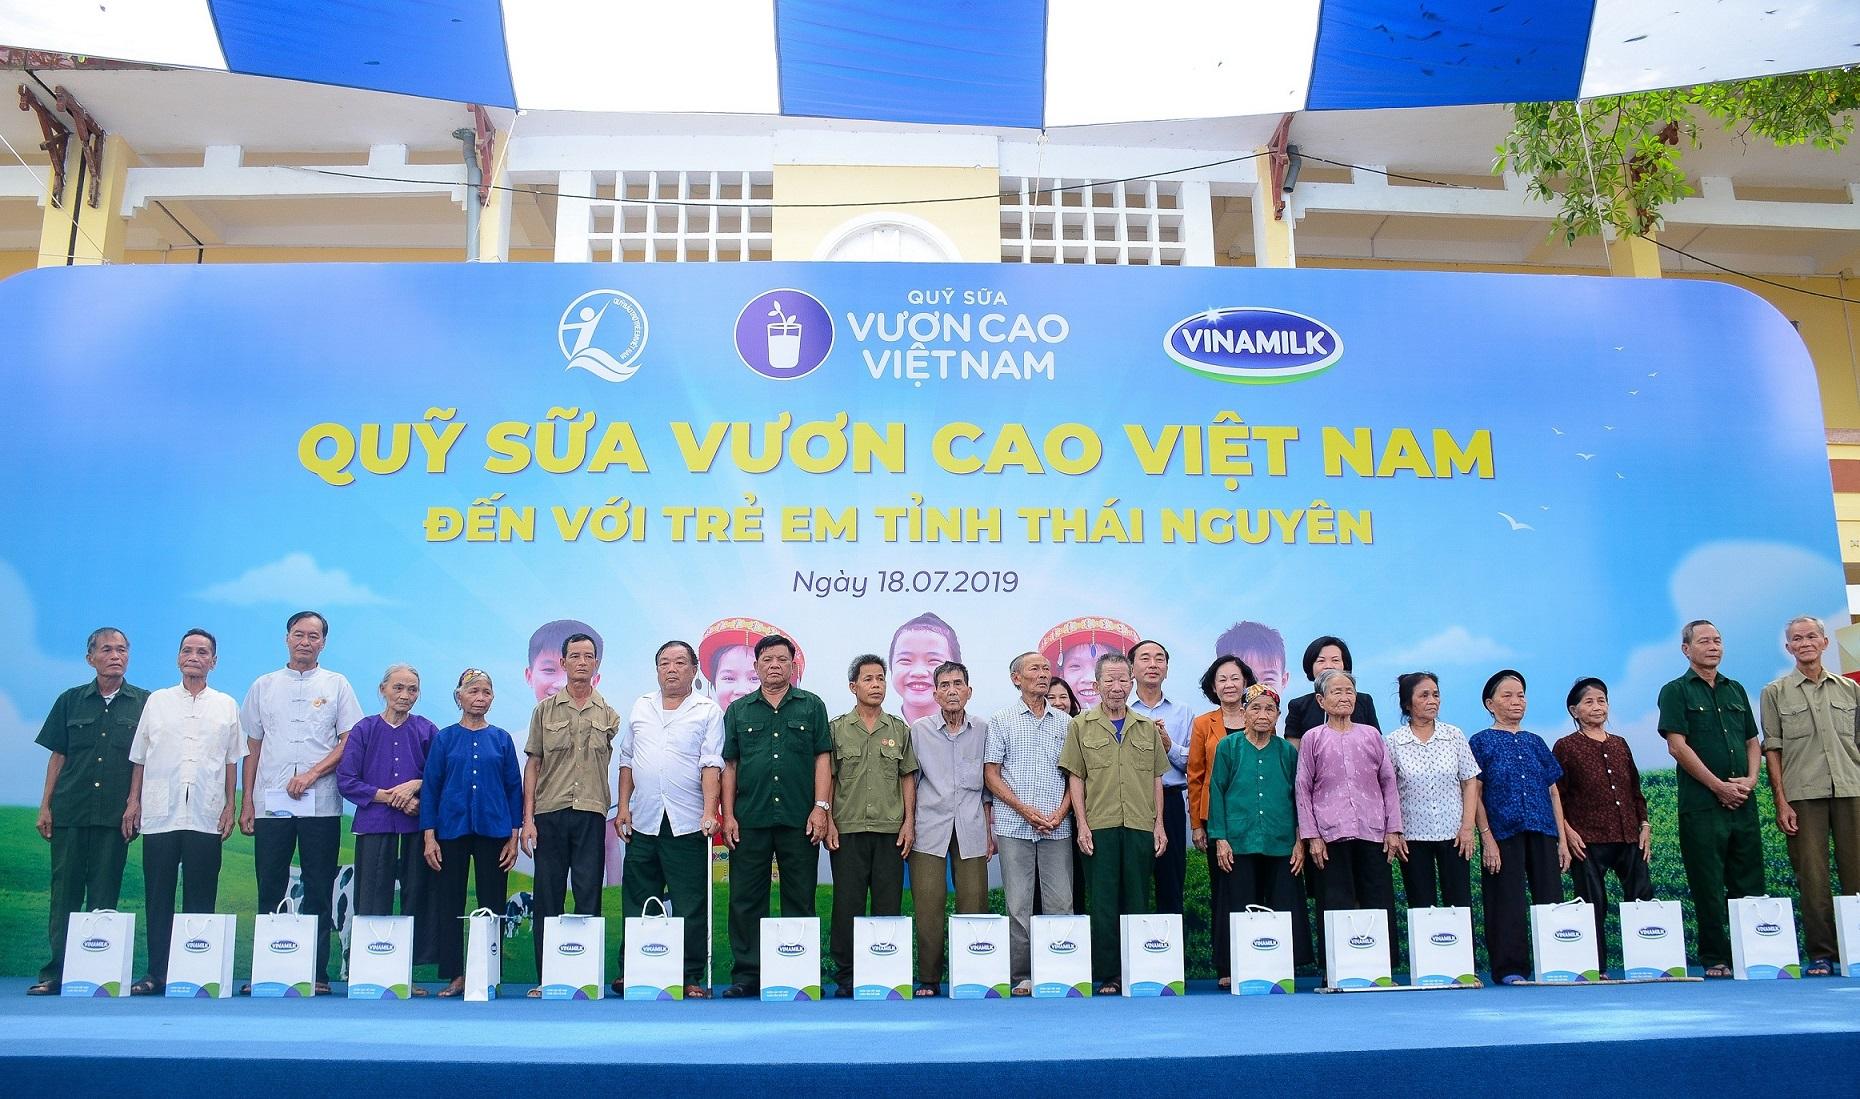 Bà Trương Thị Mai - Ủy viên Bộ Chính trị, Bí thư Trung ương Đảng, Trưởng ban Dân vận Trung ương, cùng lãnh đạo Trung ương, địa phương và công ty Vinamilk trao tặng quà đến các gia đình chính sách, gia đình có công với cách mạng nhân kỷ niệm 72 năm Ngày Thương binh - Liệt sỹ 27/7.